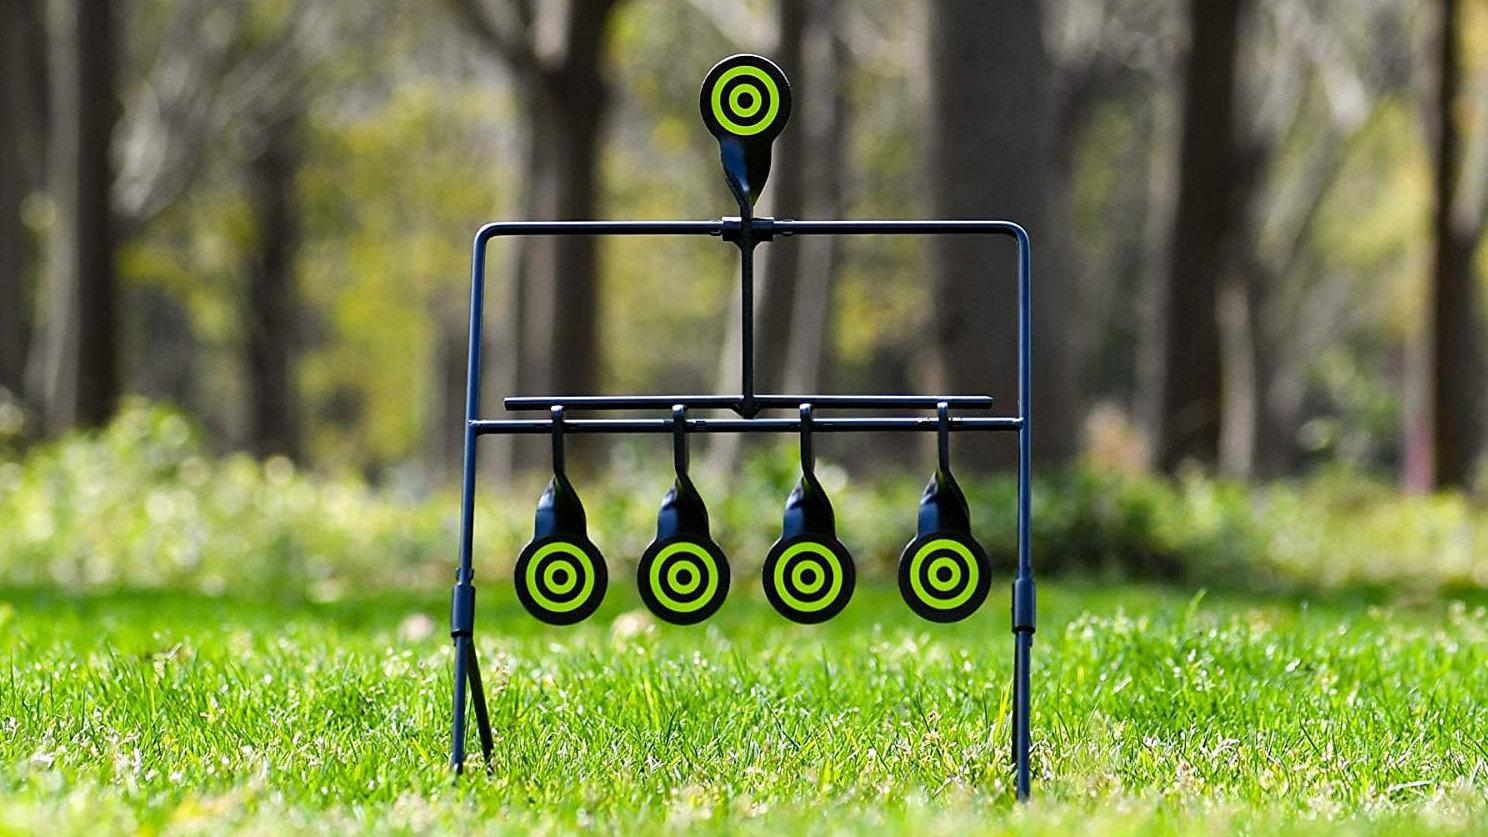 Knine-5 targets